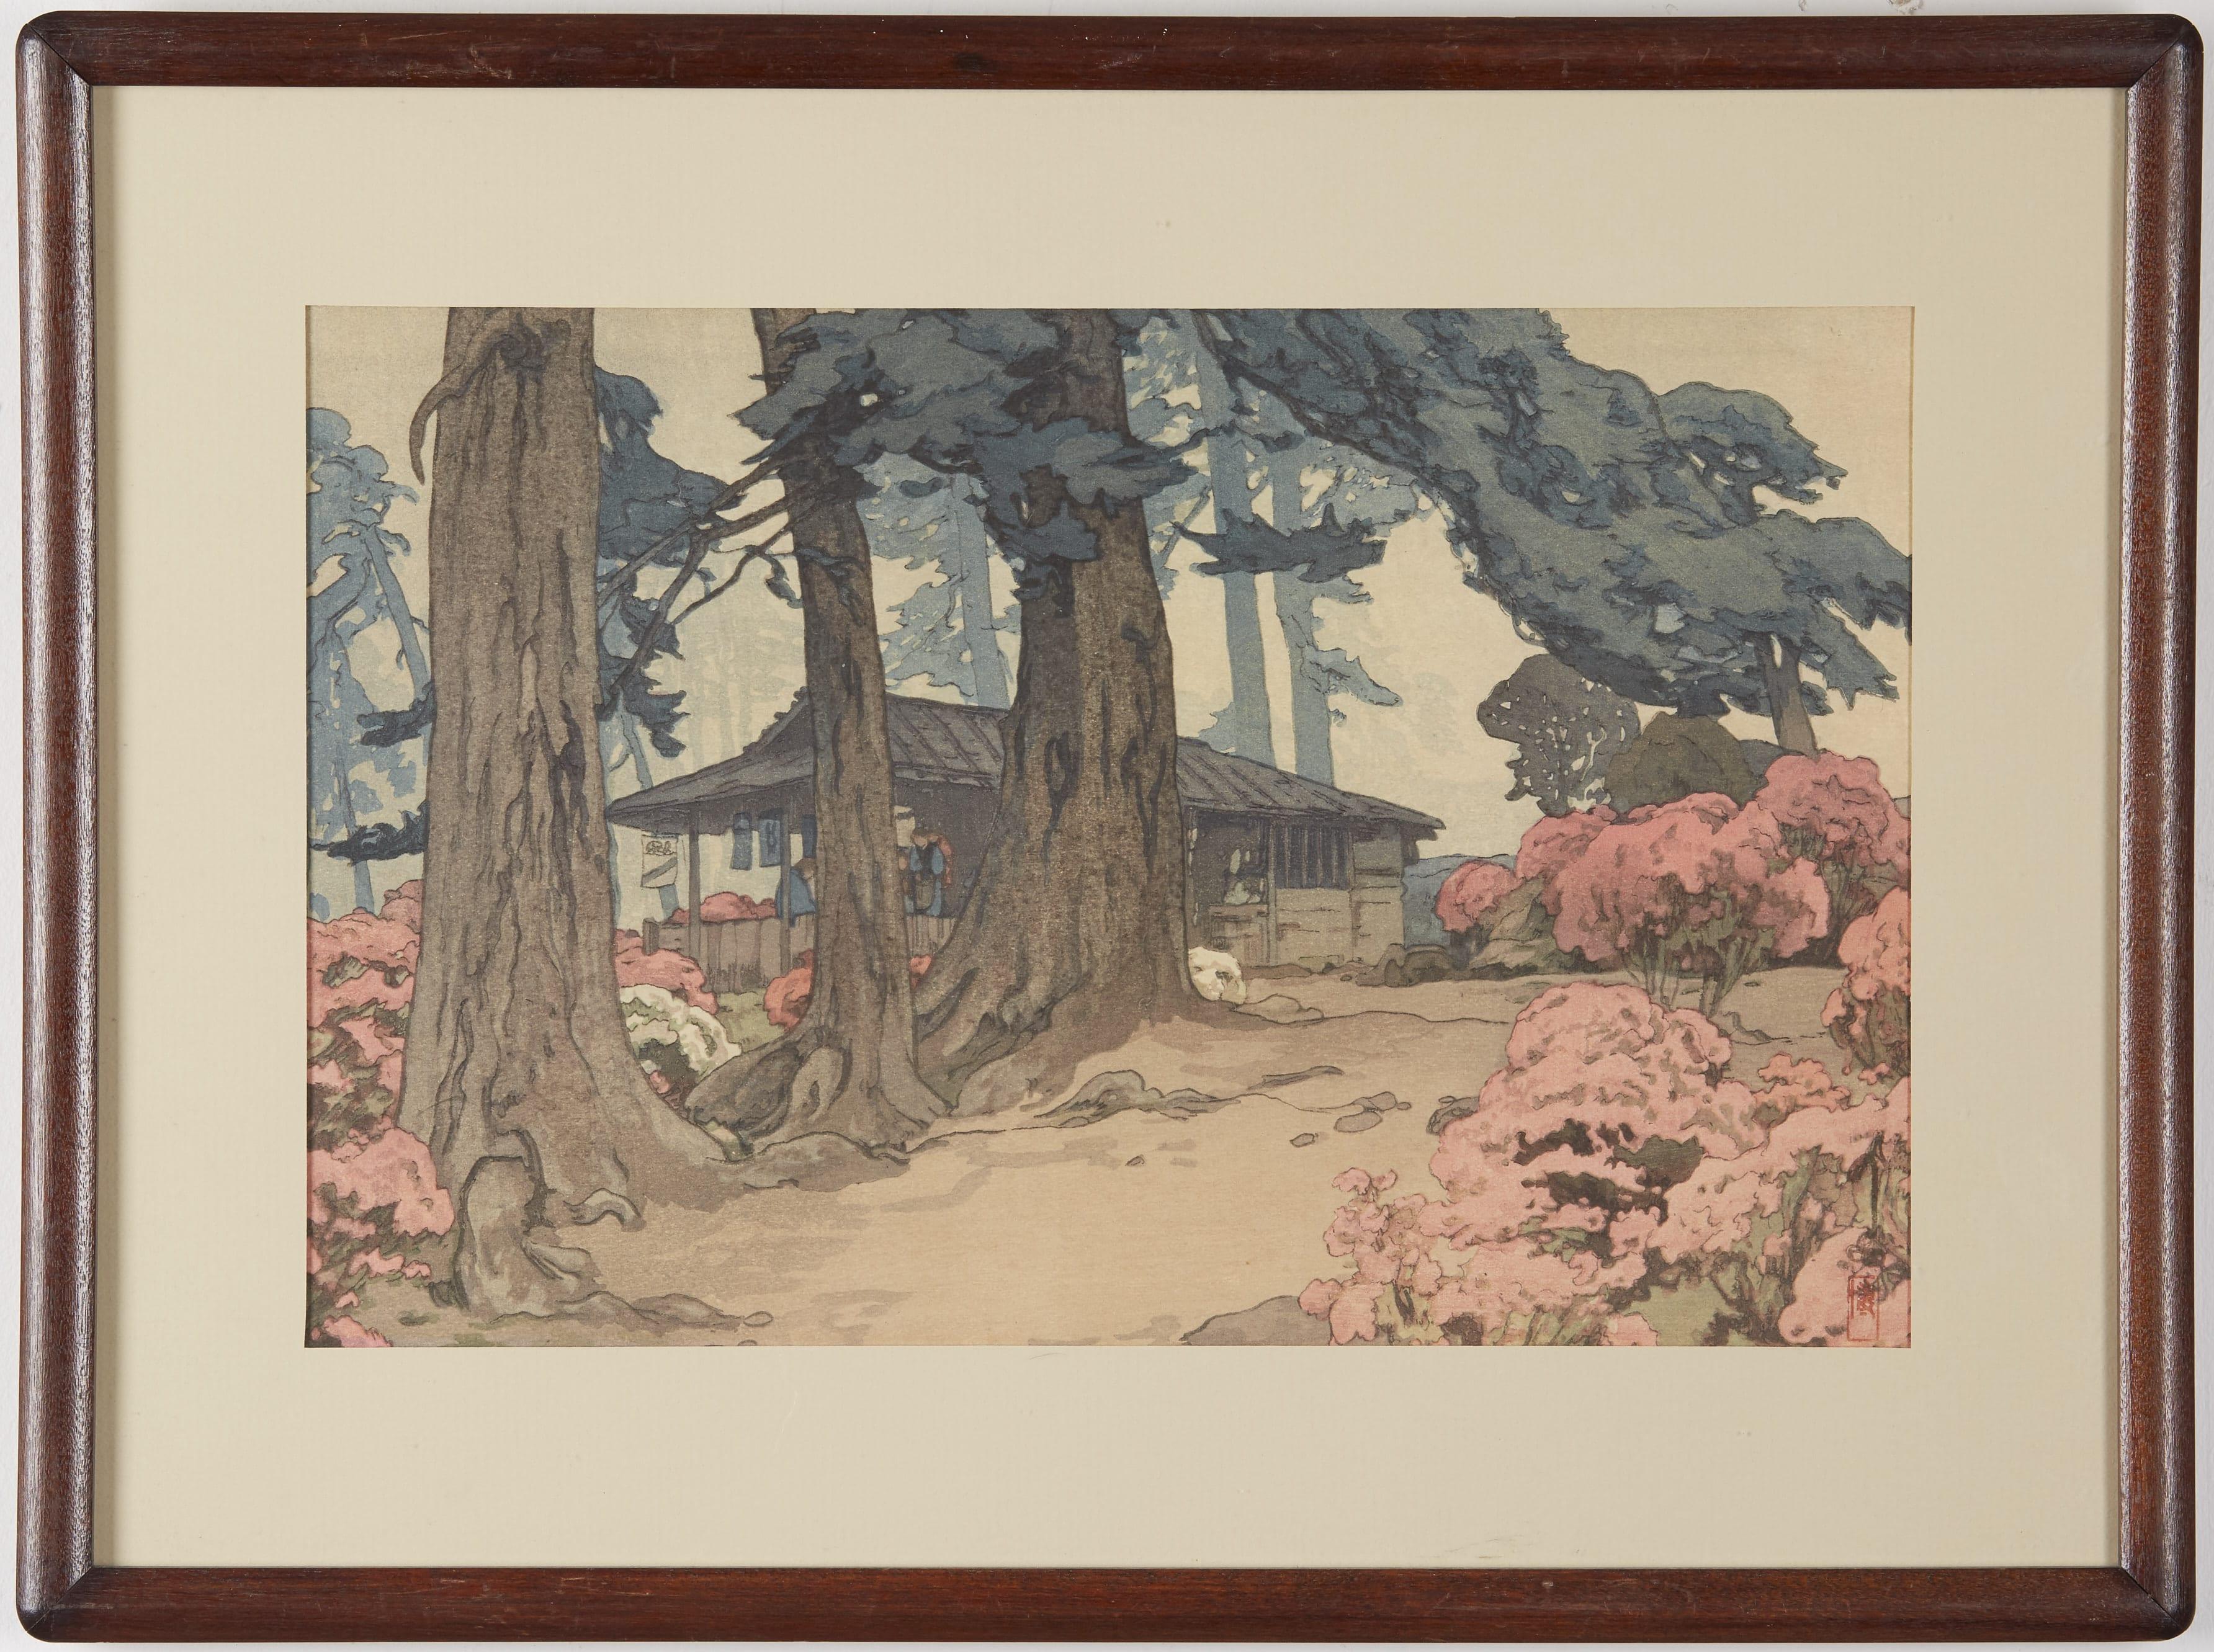 Lot 093: Hiroshi Yoshida Woodblock Print